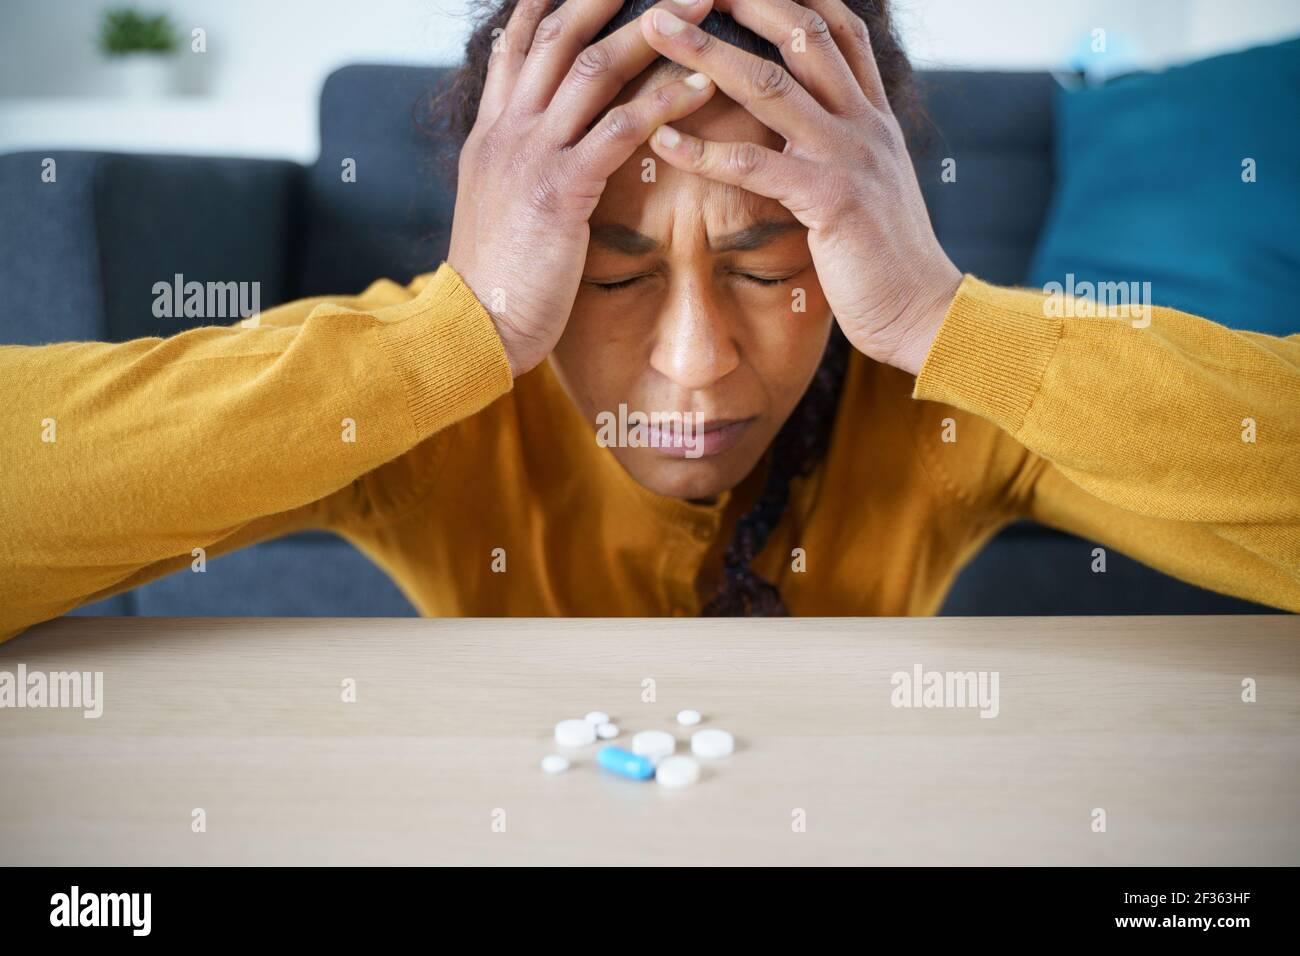 Un portrait afro-américain souffrant de dépression Banque D'Images